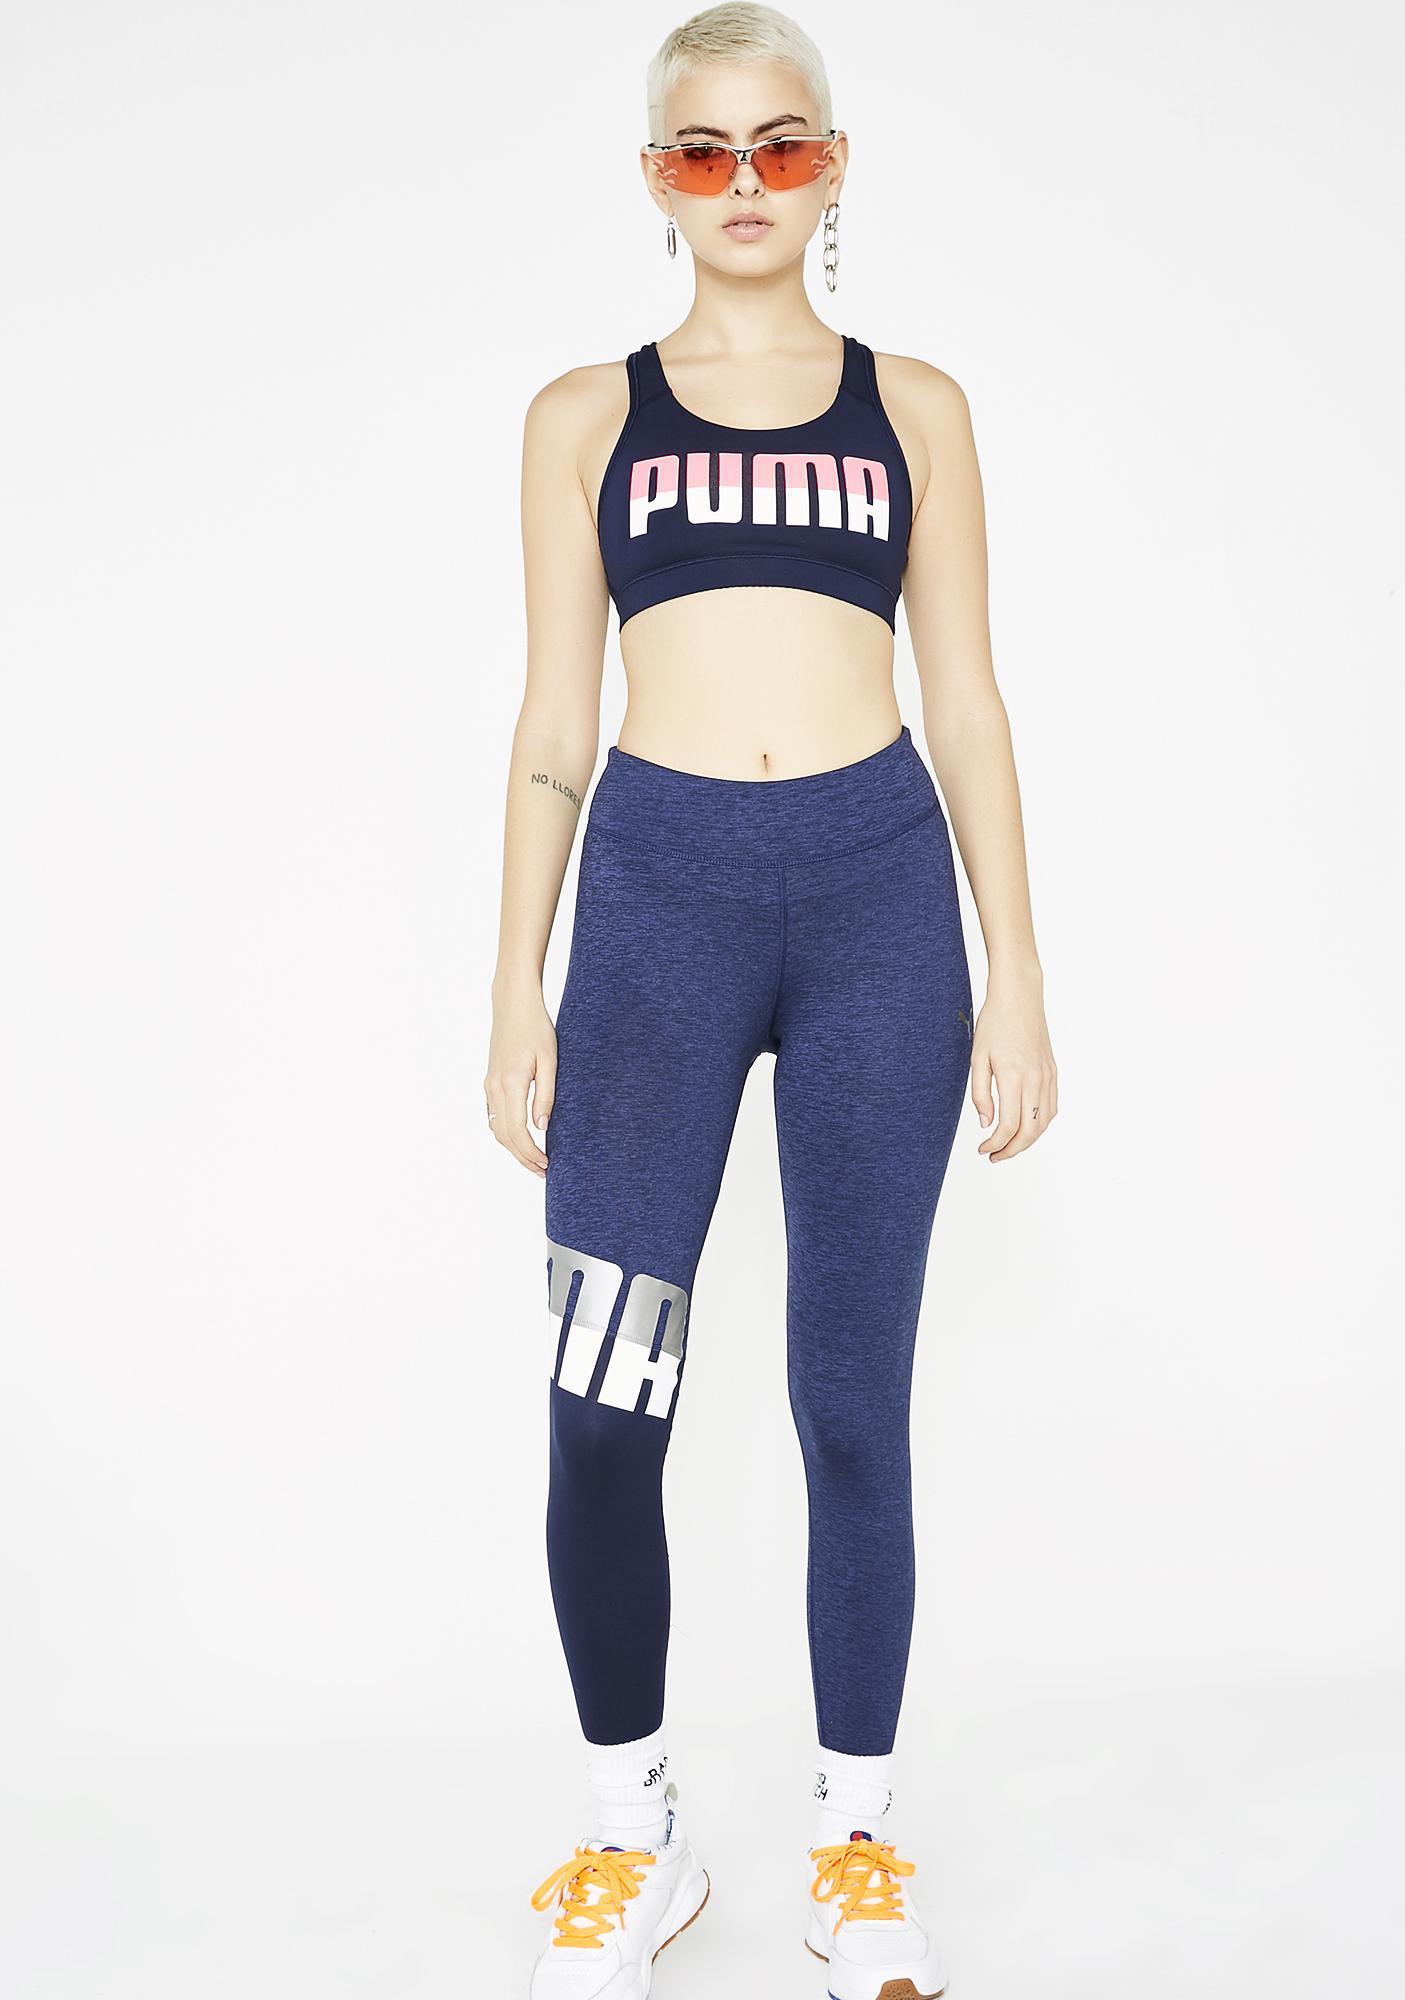 PUMA All Me 7/8 Tights